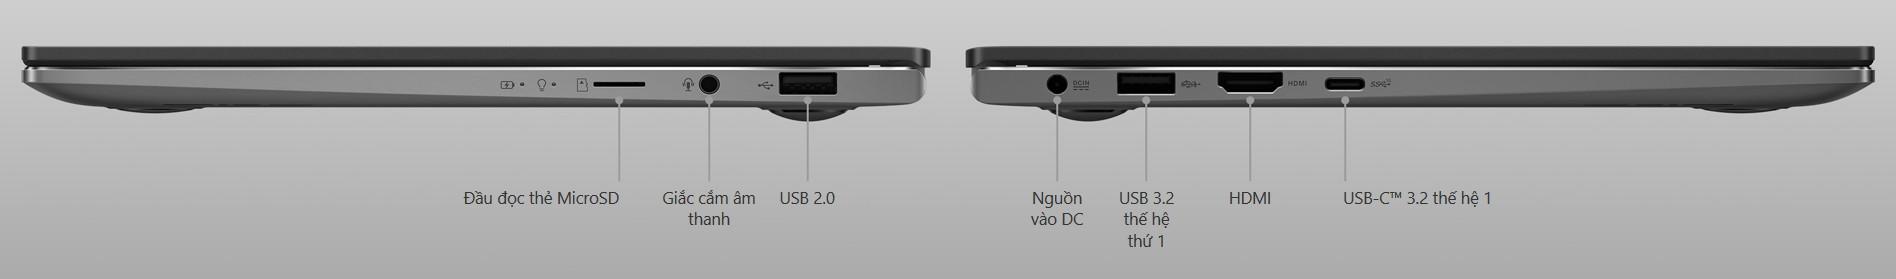 VivoBook S333JA-EG034T Connect